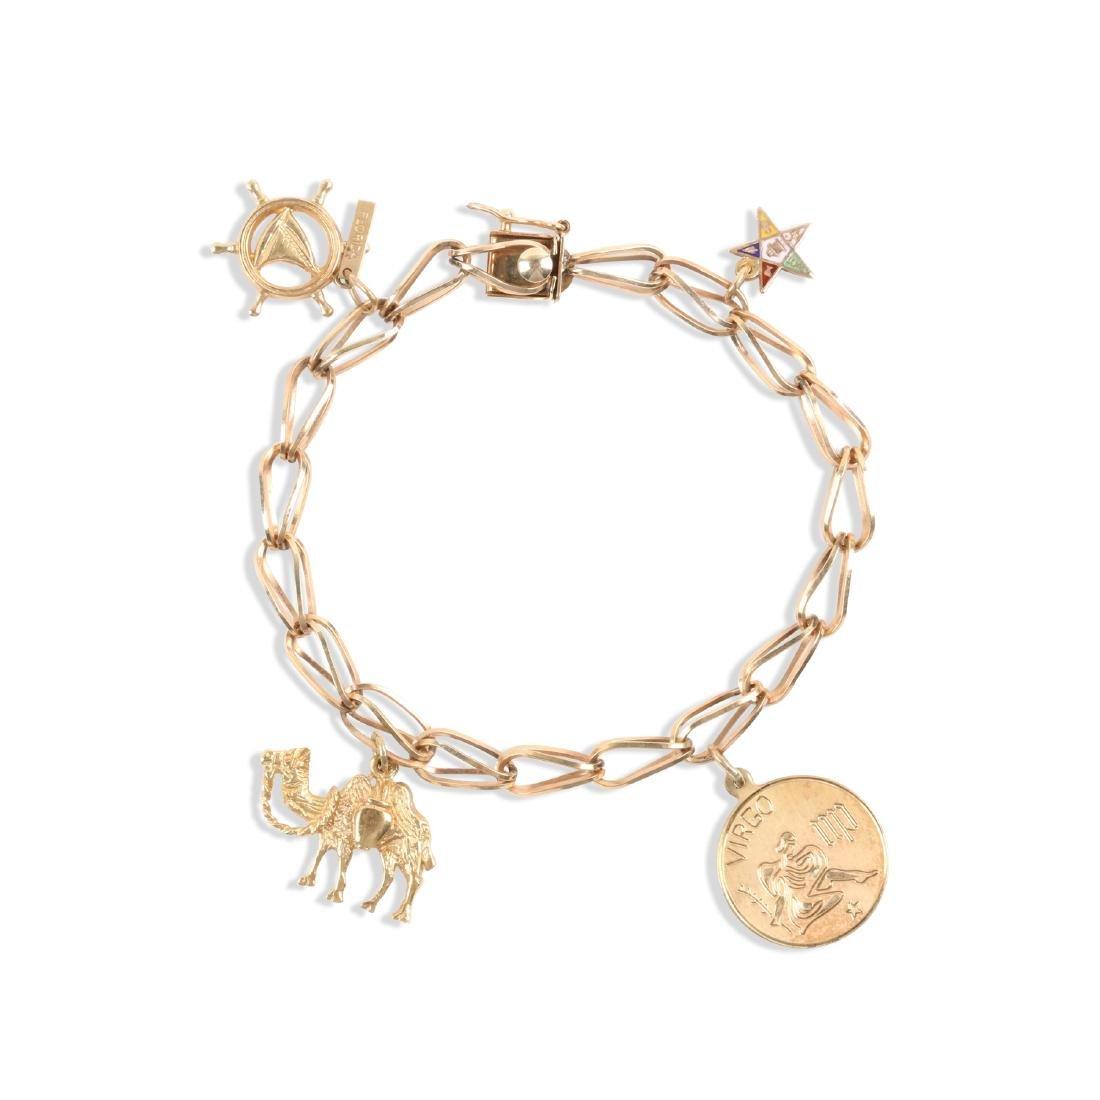 A 10K Gold Charm Bracelet